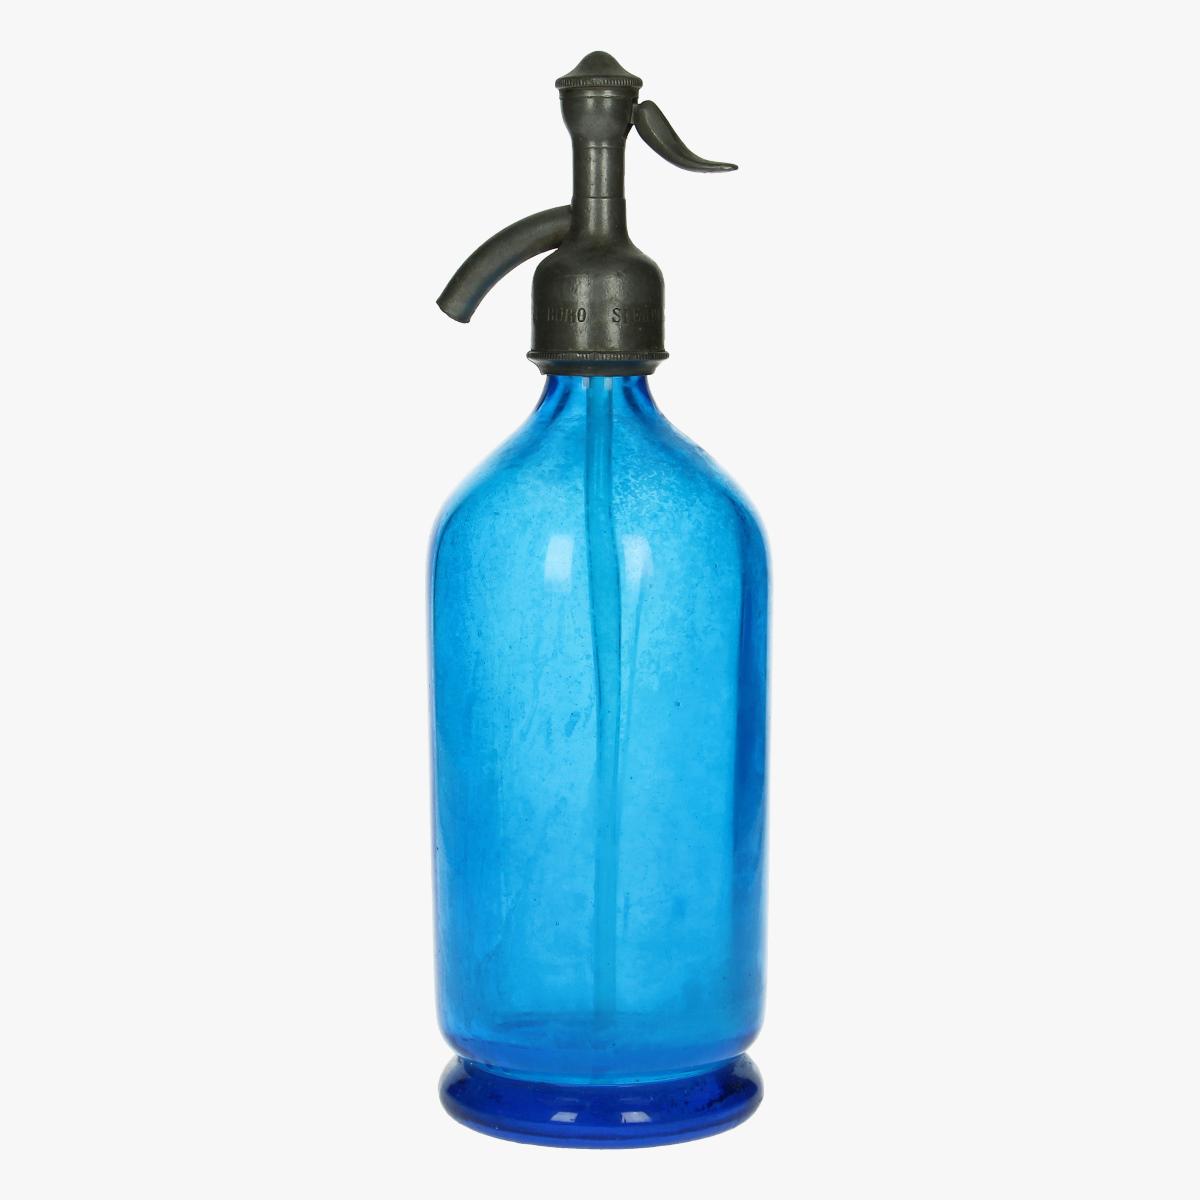 Afbeeldingen van oude soda fles blauw